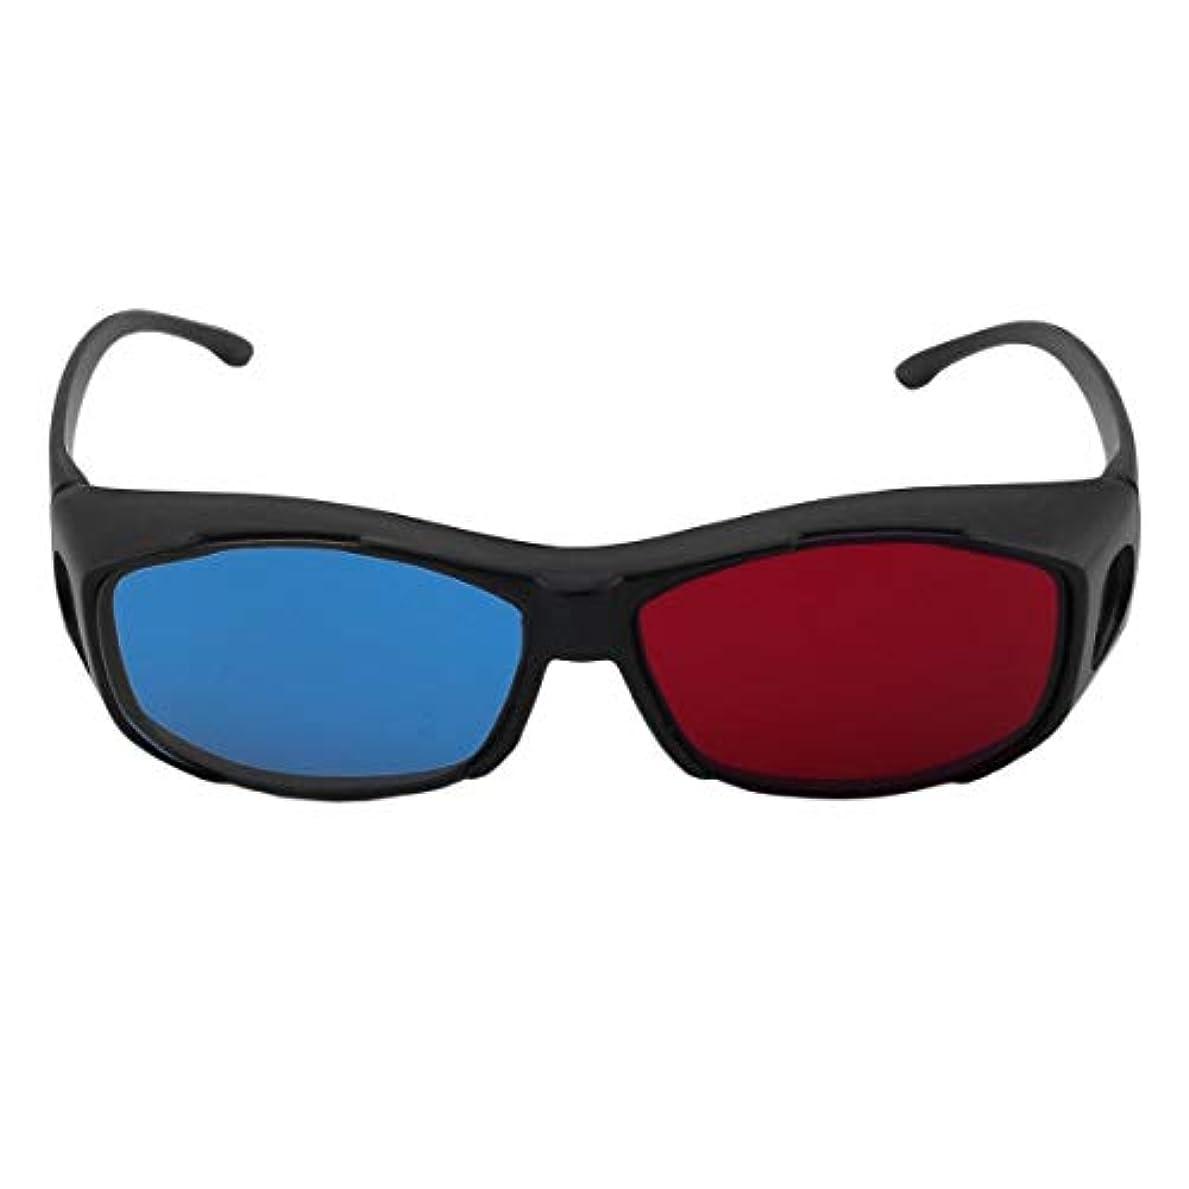 簿記係見つけたゲートBlackfell ユニバーサルタイプ3Dメガネテレビ映画次元アナグリフビデオフレーム3DビジョンメガネDVDゲームガラス赤と青の色